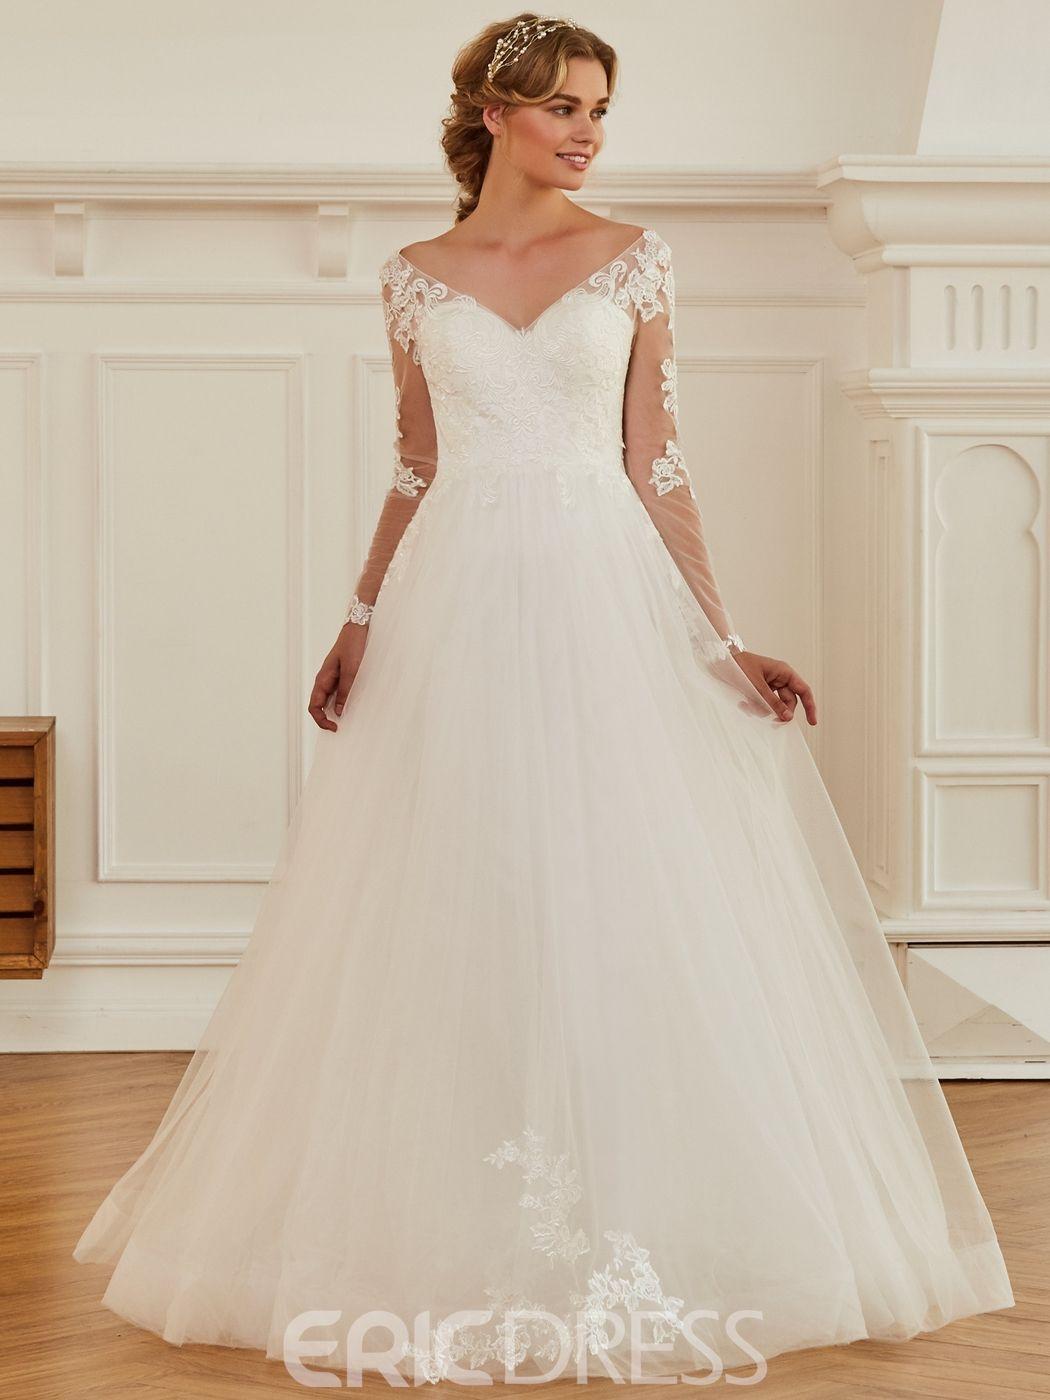 Long sleeve v neck wedding dress  V Neck Ball Gown Appliques Long Sleeves Wedding Dress  Wedding